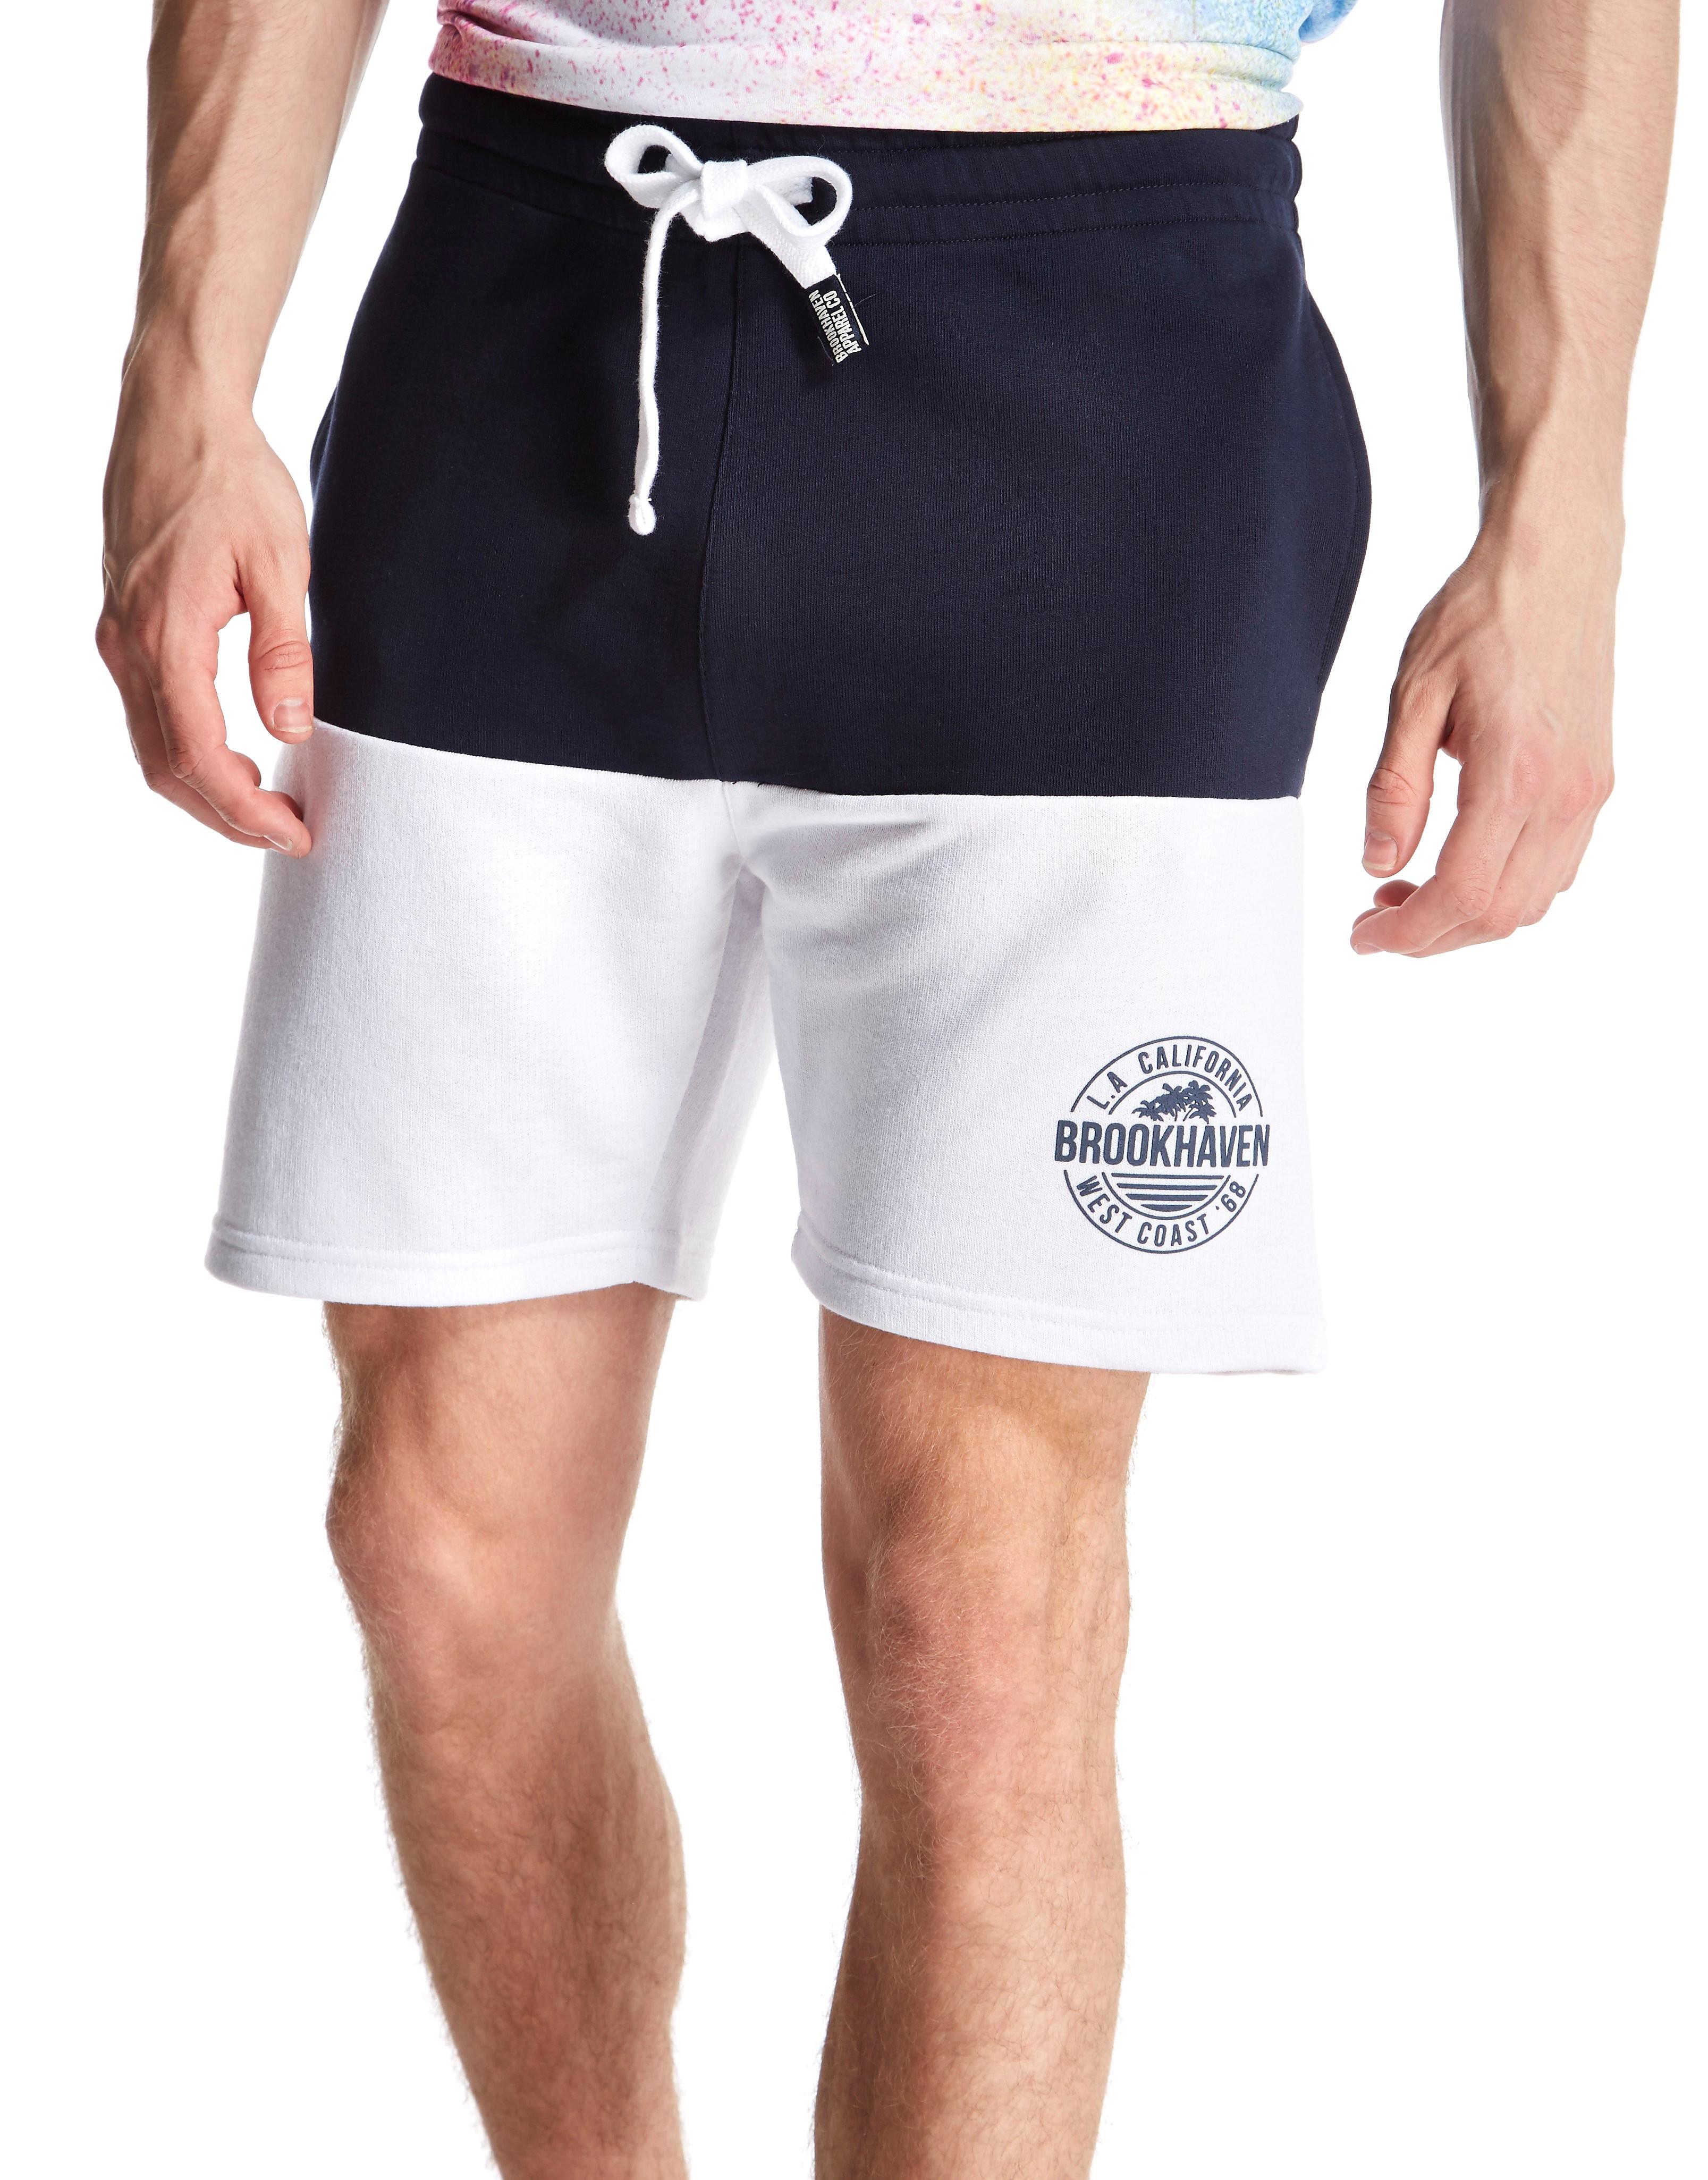 Brookhaven Paintbrush Shorts